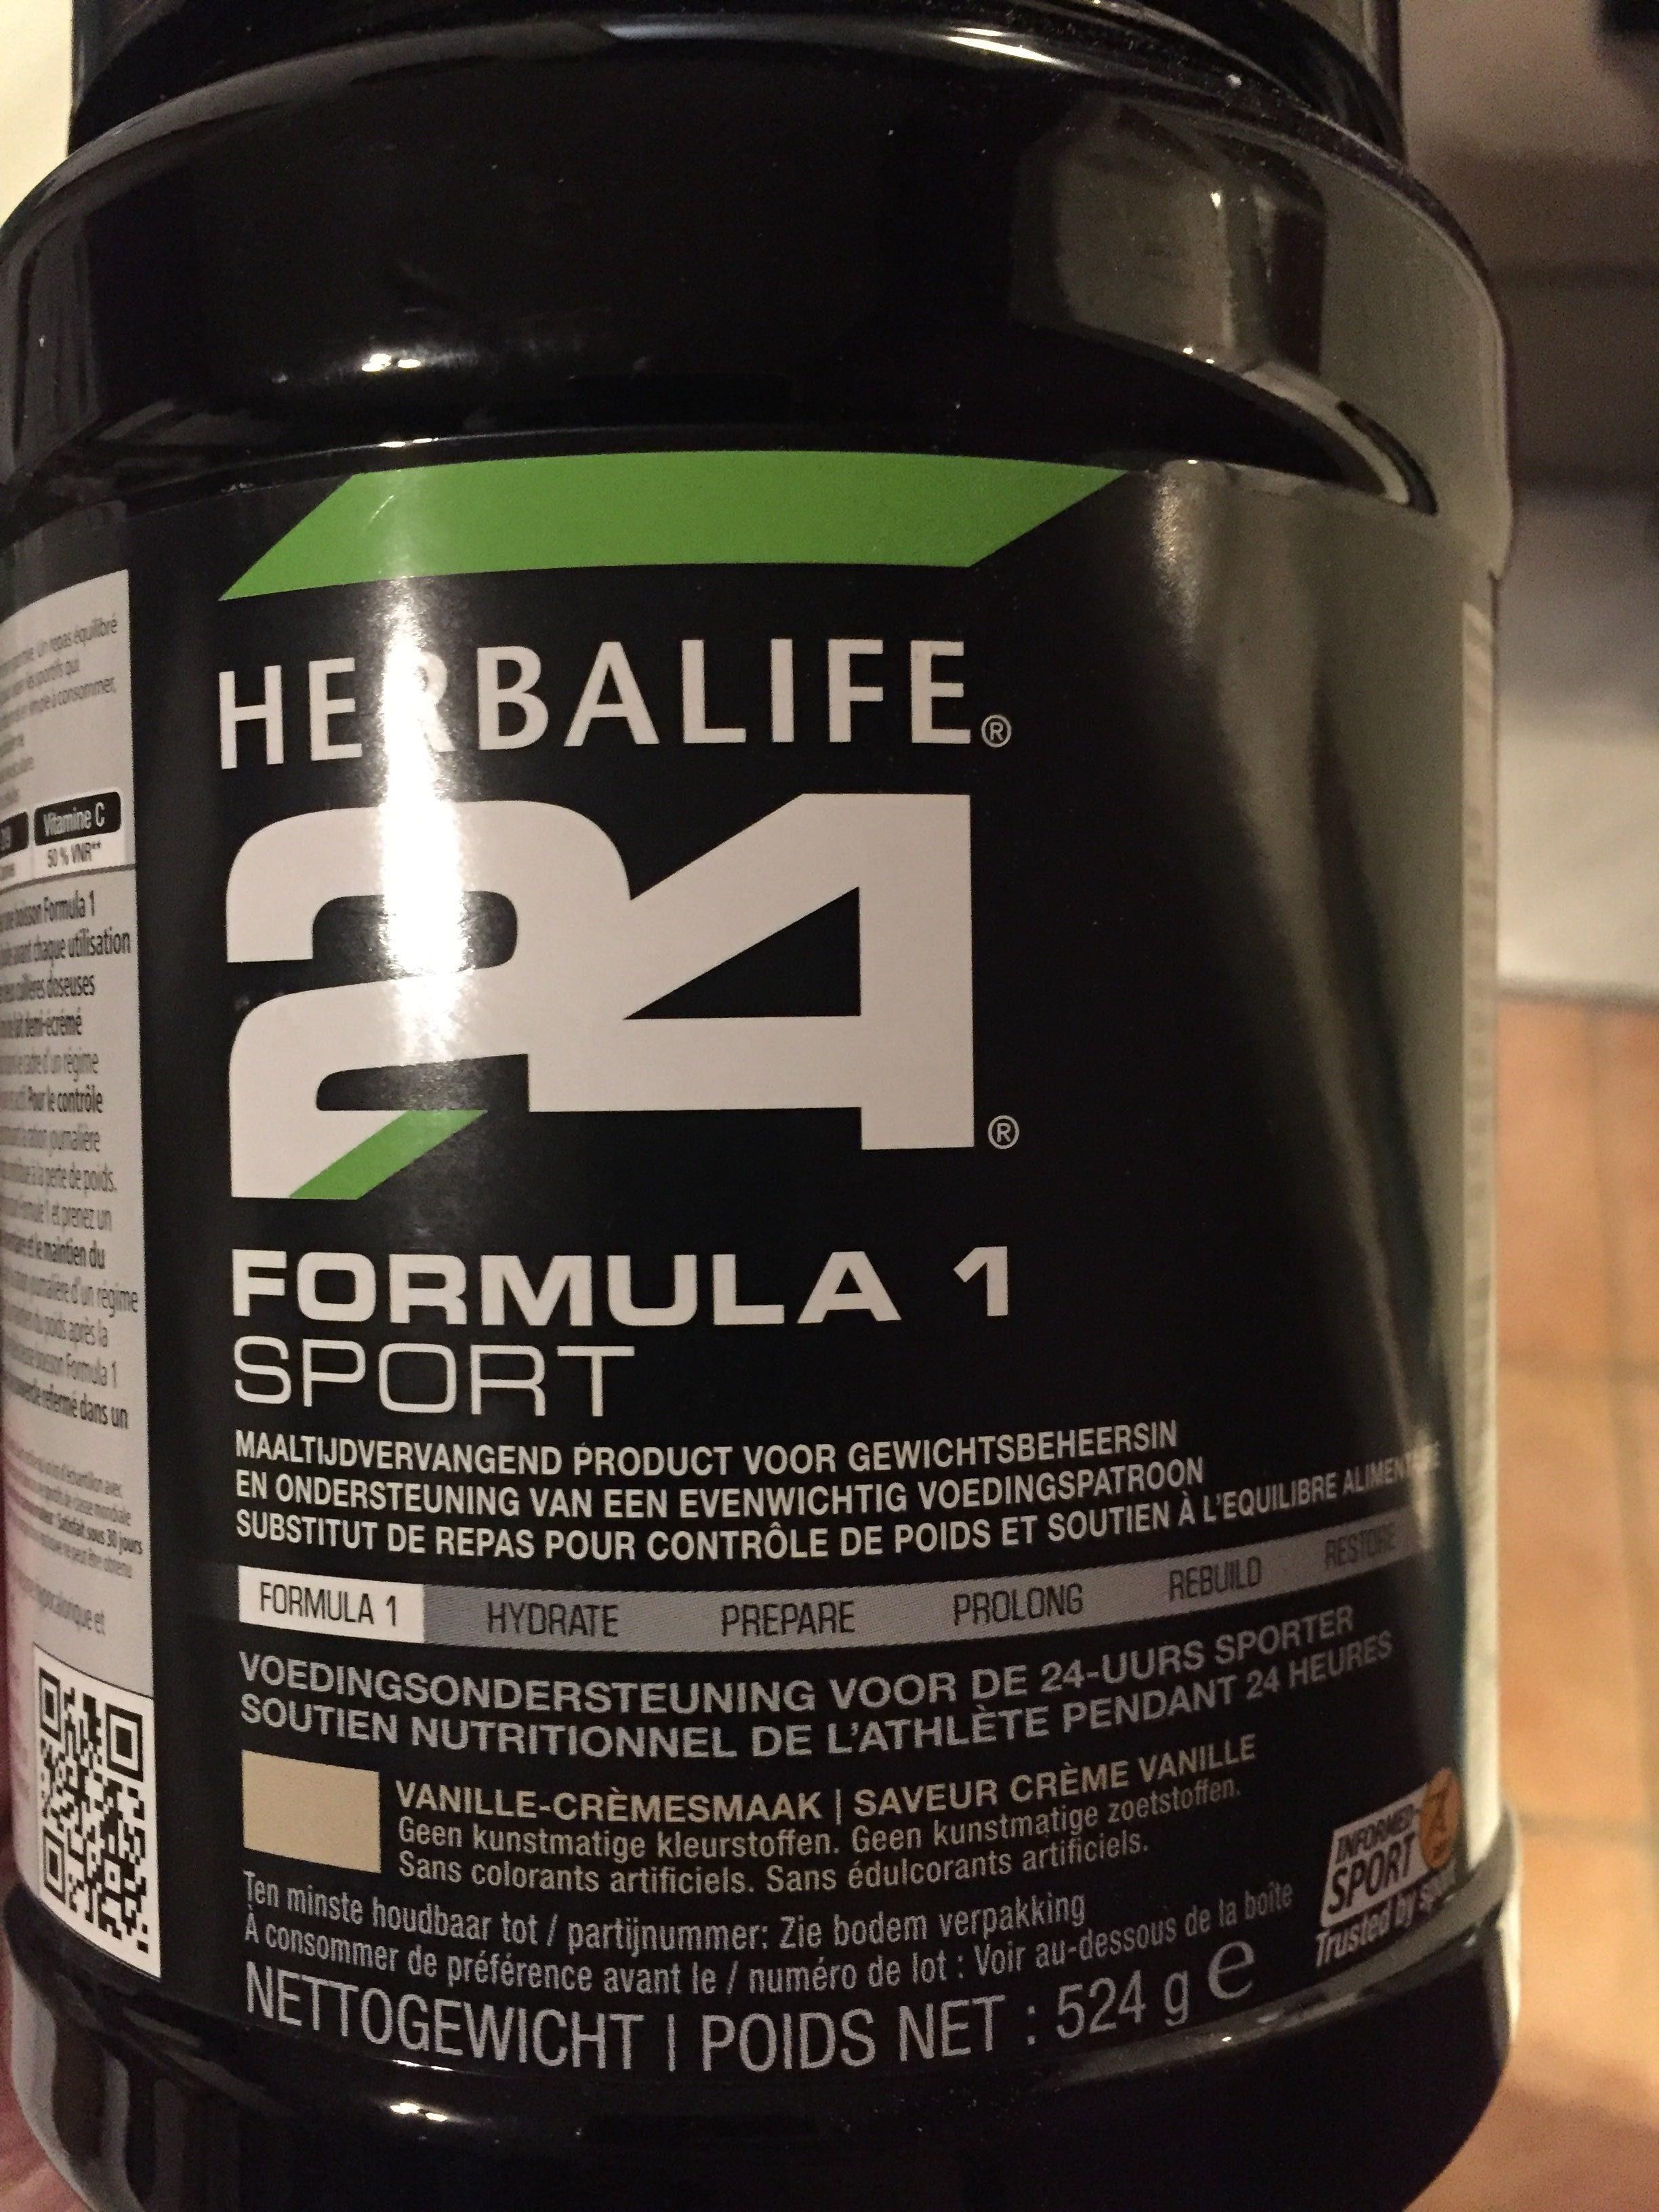 herbalife formule 1 sport - Product - en